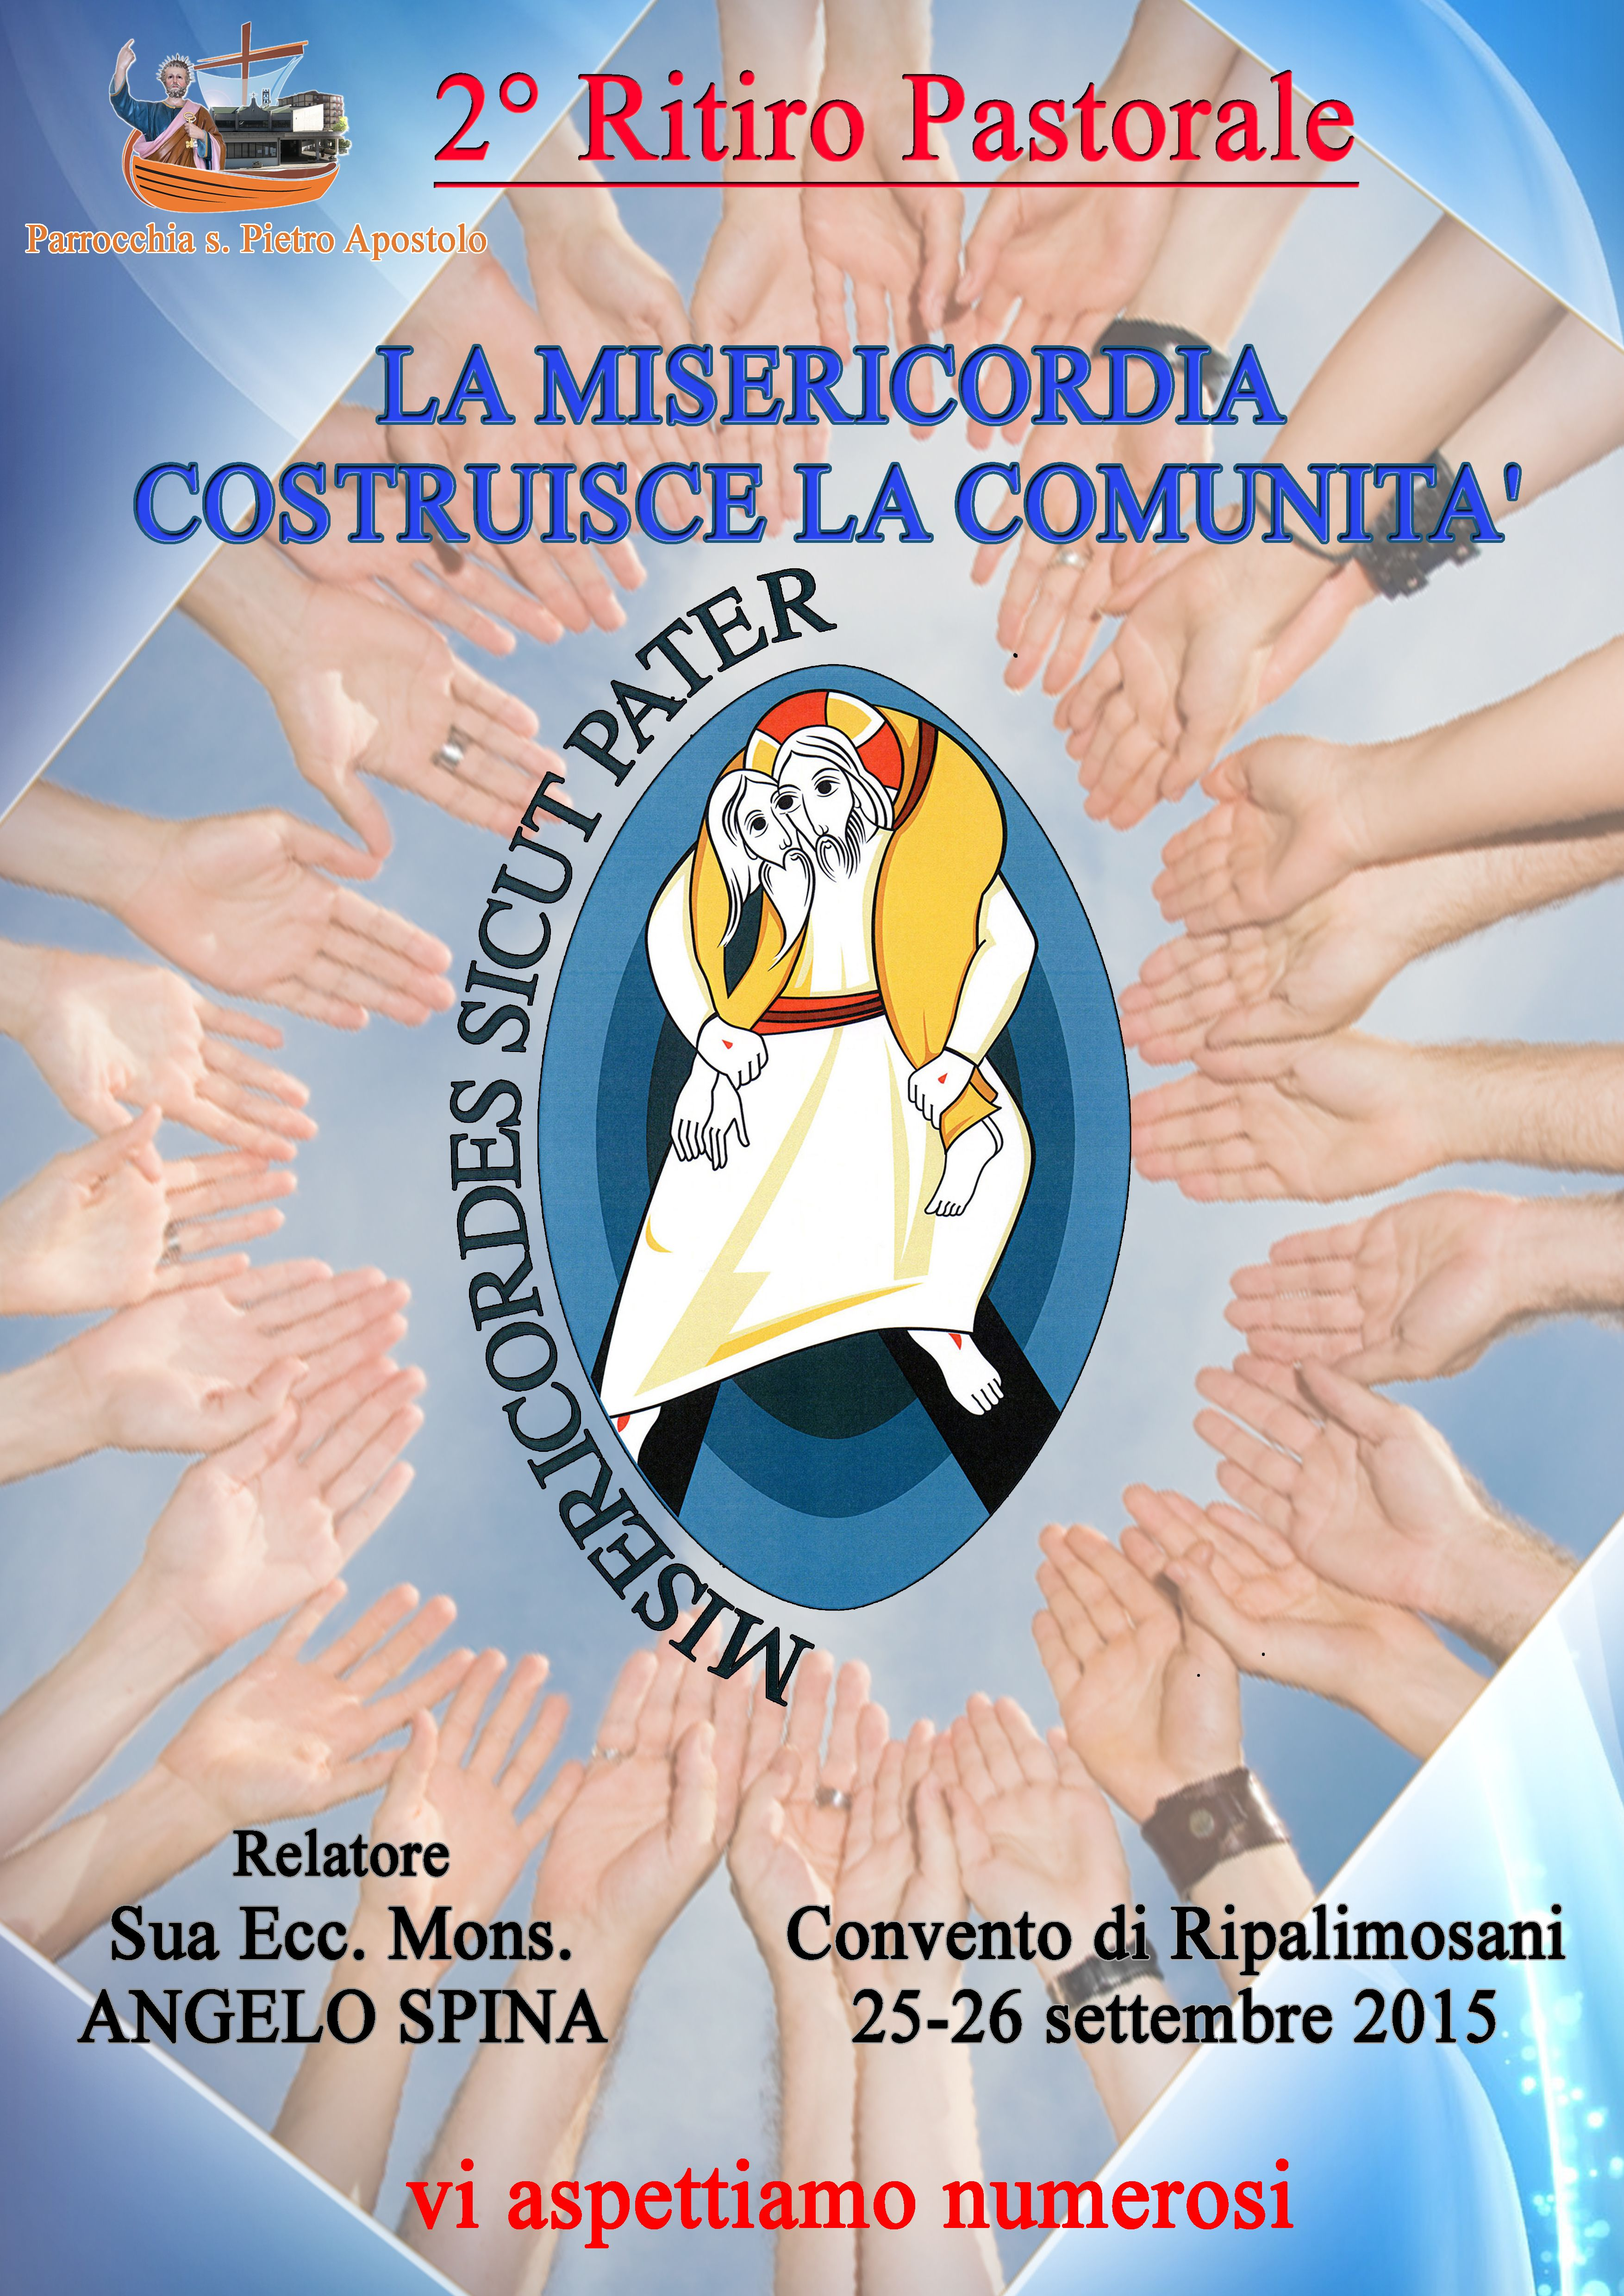 Ritiro parrocchiale 2015